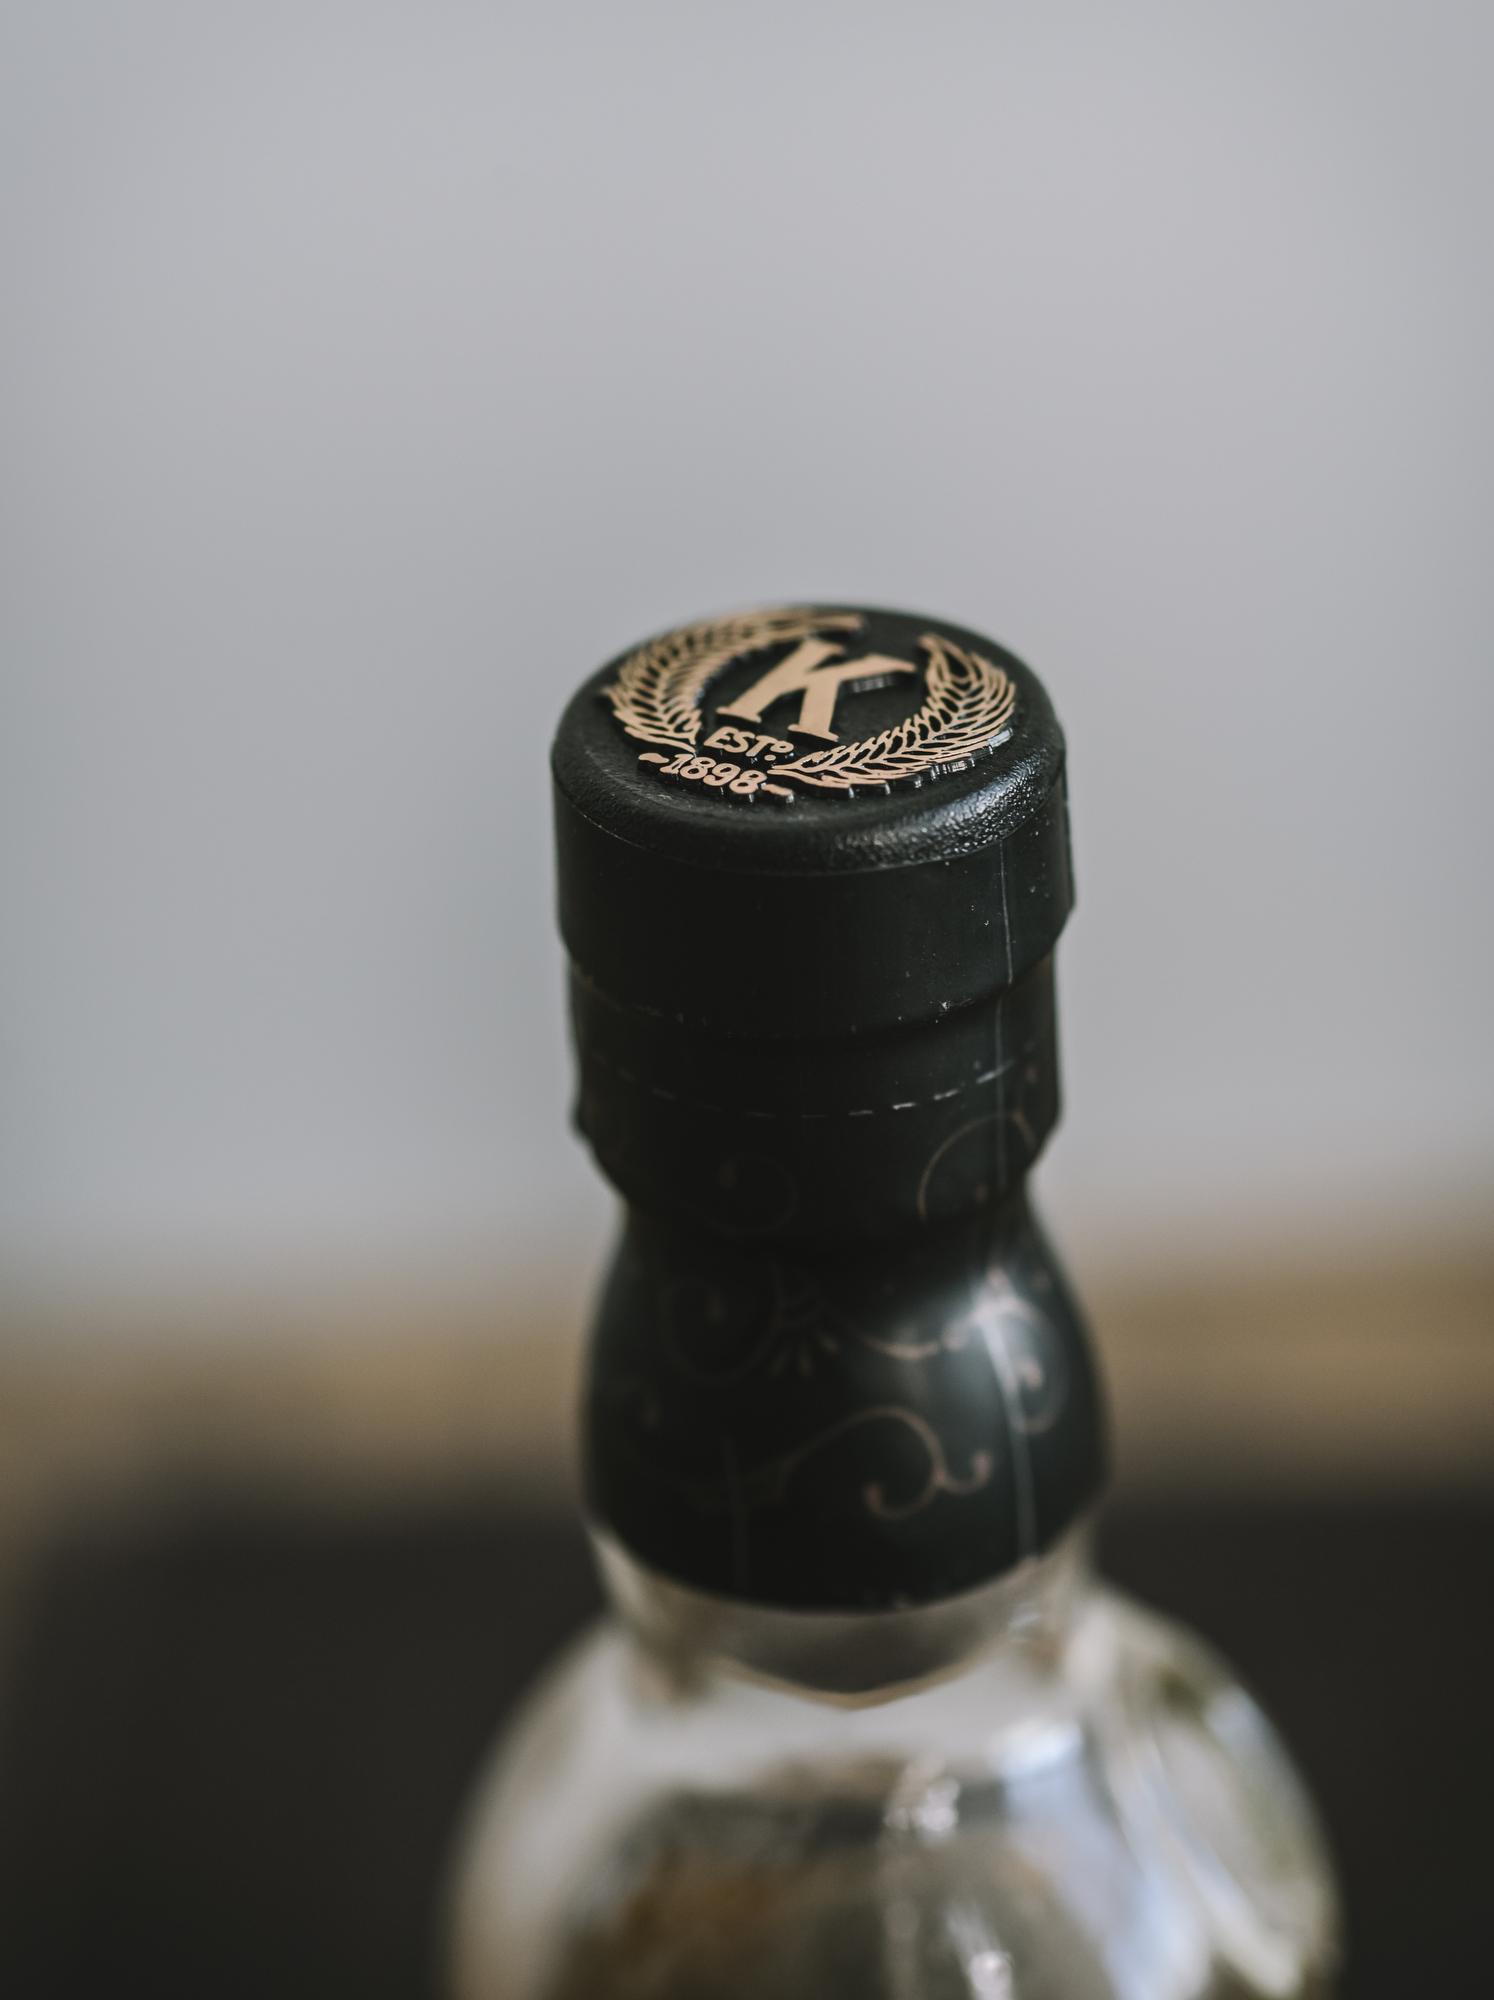 VintageAlcoholBottles068.JPG